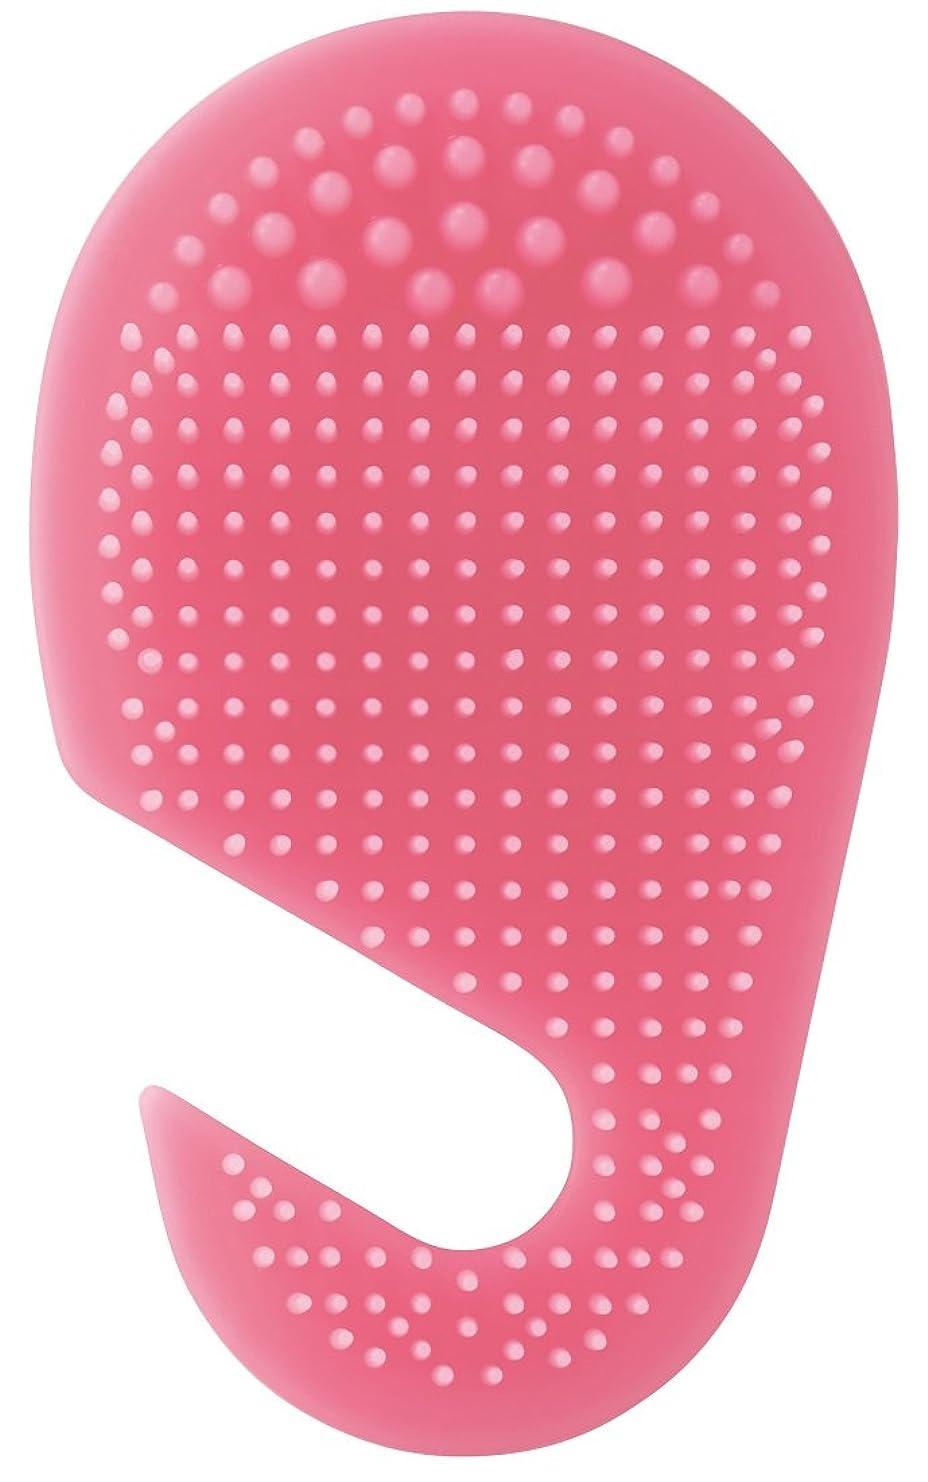 修士号ジョグ求めるスケーター 足の裏用 マッサージ ブラシ 10.2×2×17cm ピンク SLFT1